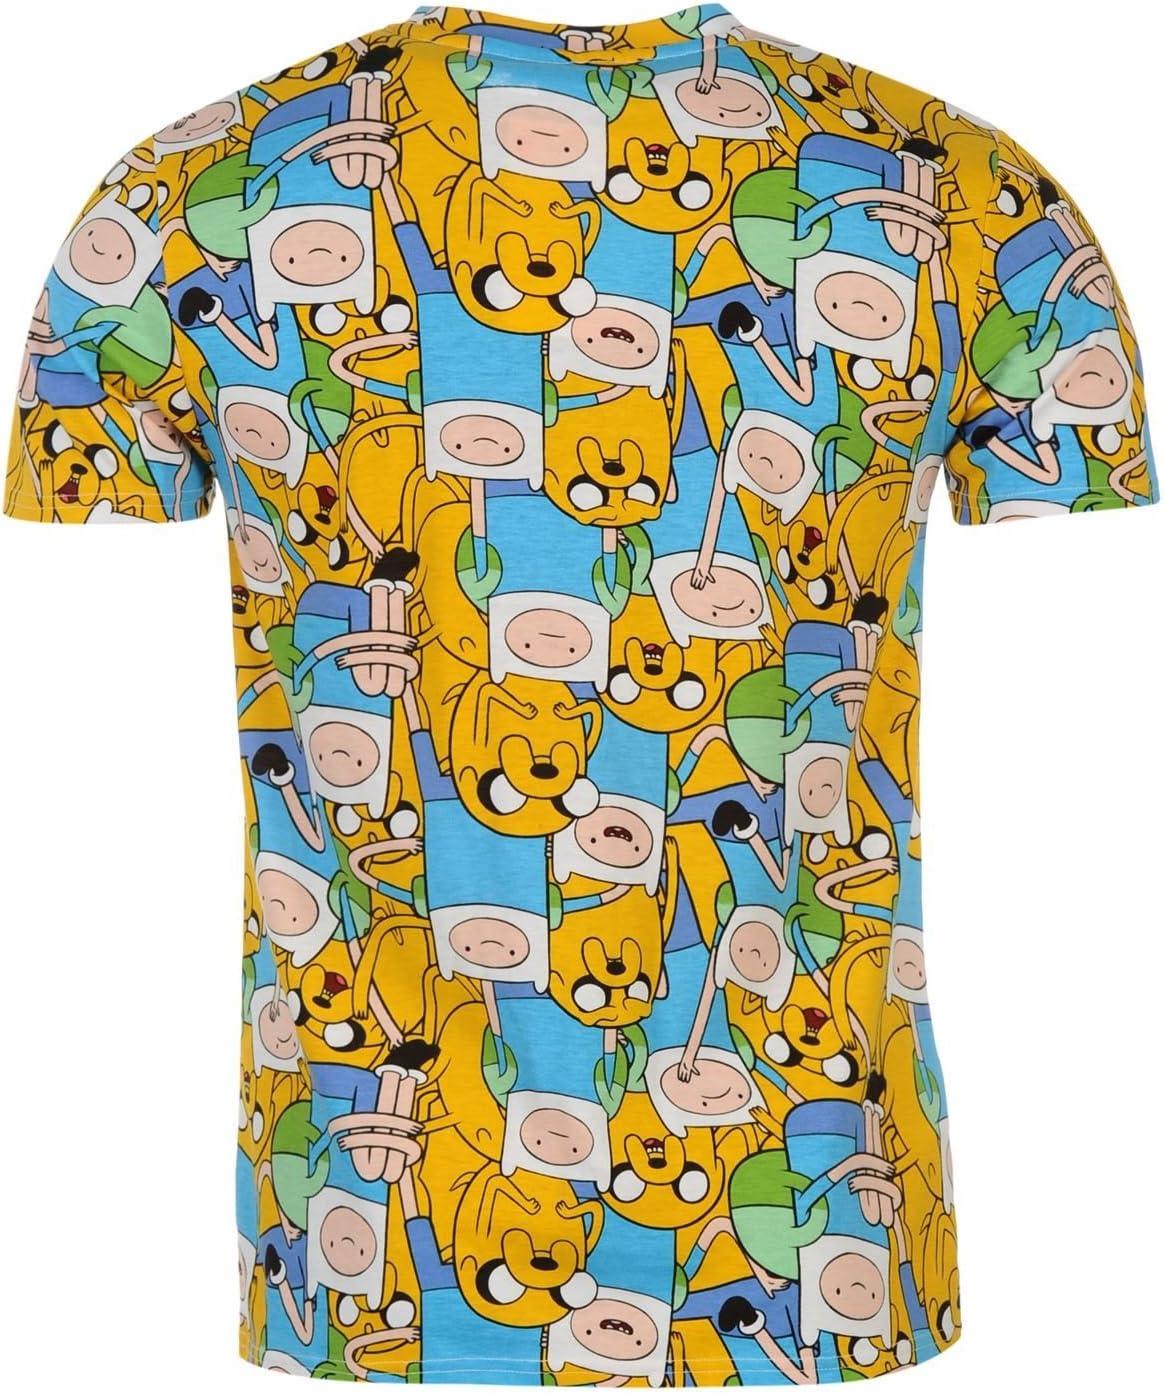 Hora De Aventuras Sub All Over Print camiseta de manga corta para hombre, color azul y amarillo Top T Camisa, Azul/amarillo: Amazon.es: Deportes y aire libre